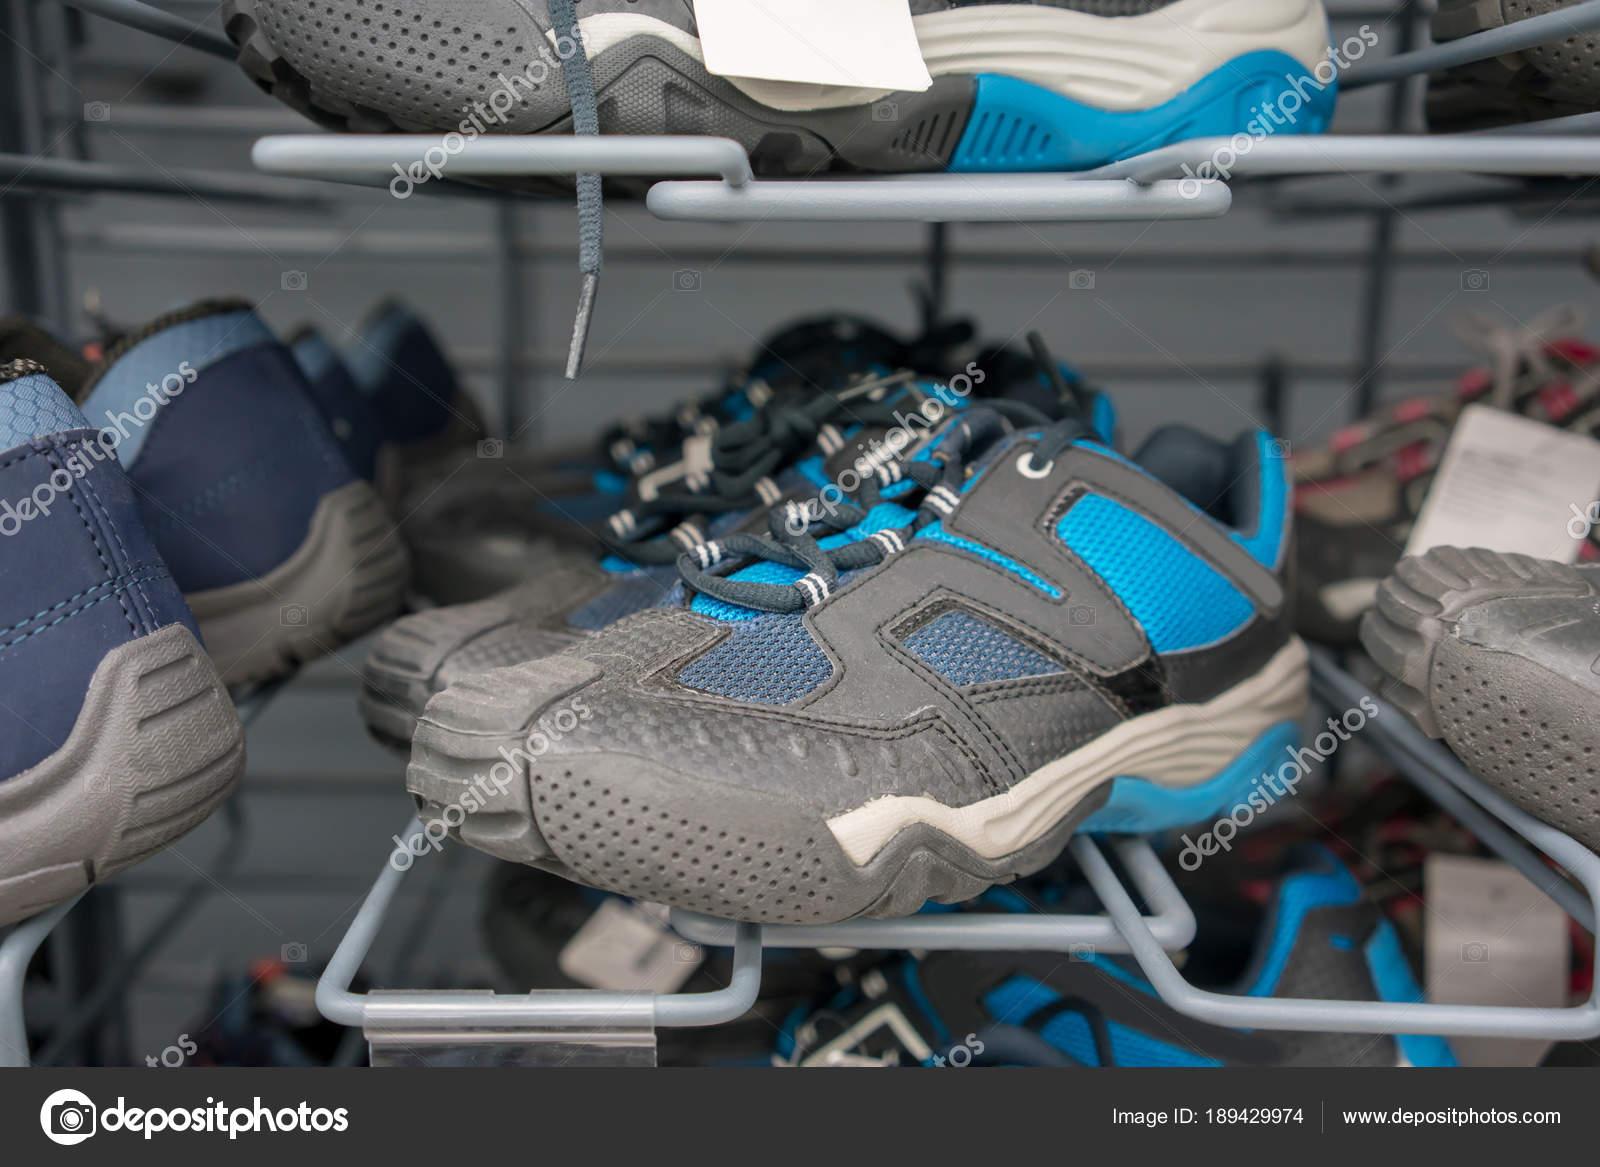 4c9a0615e0b Αθλητικά παπούτσια για μεταλλικά ράφια στο κατάστημα — Φωτογραφία ...